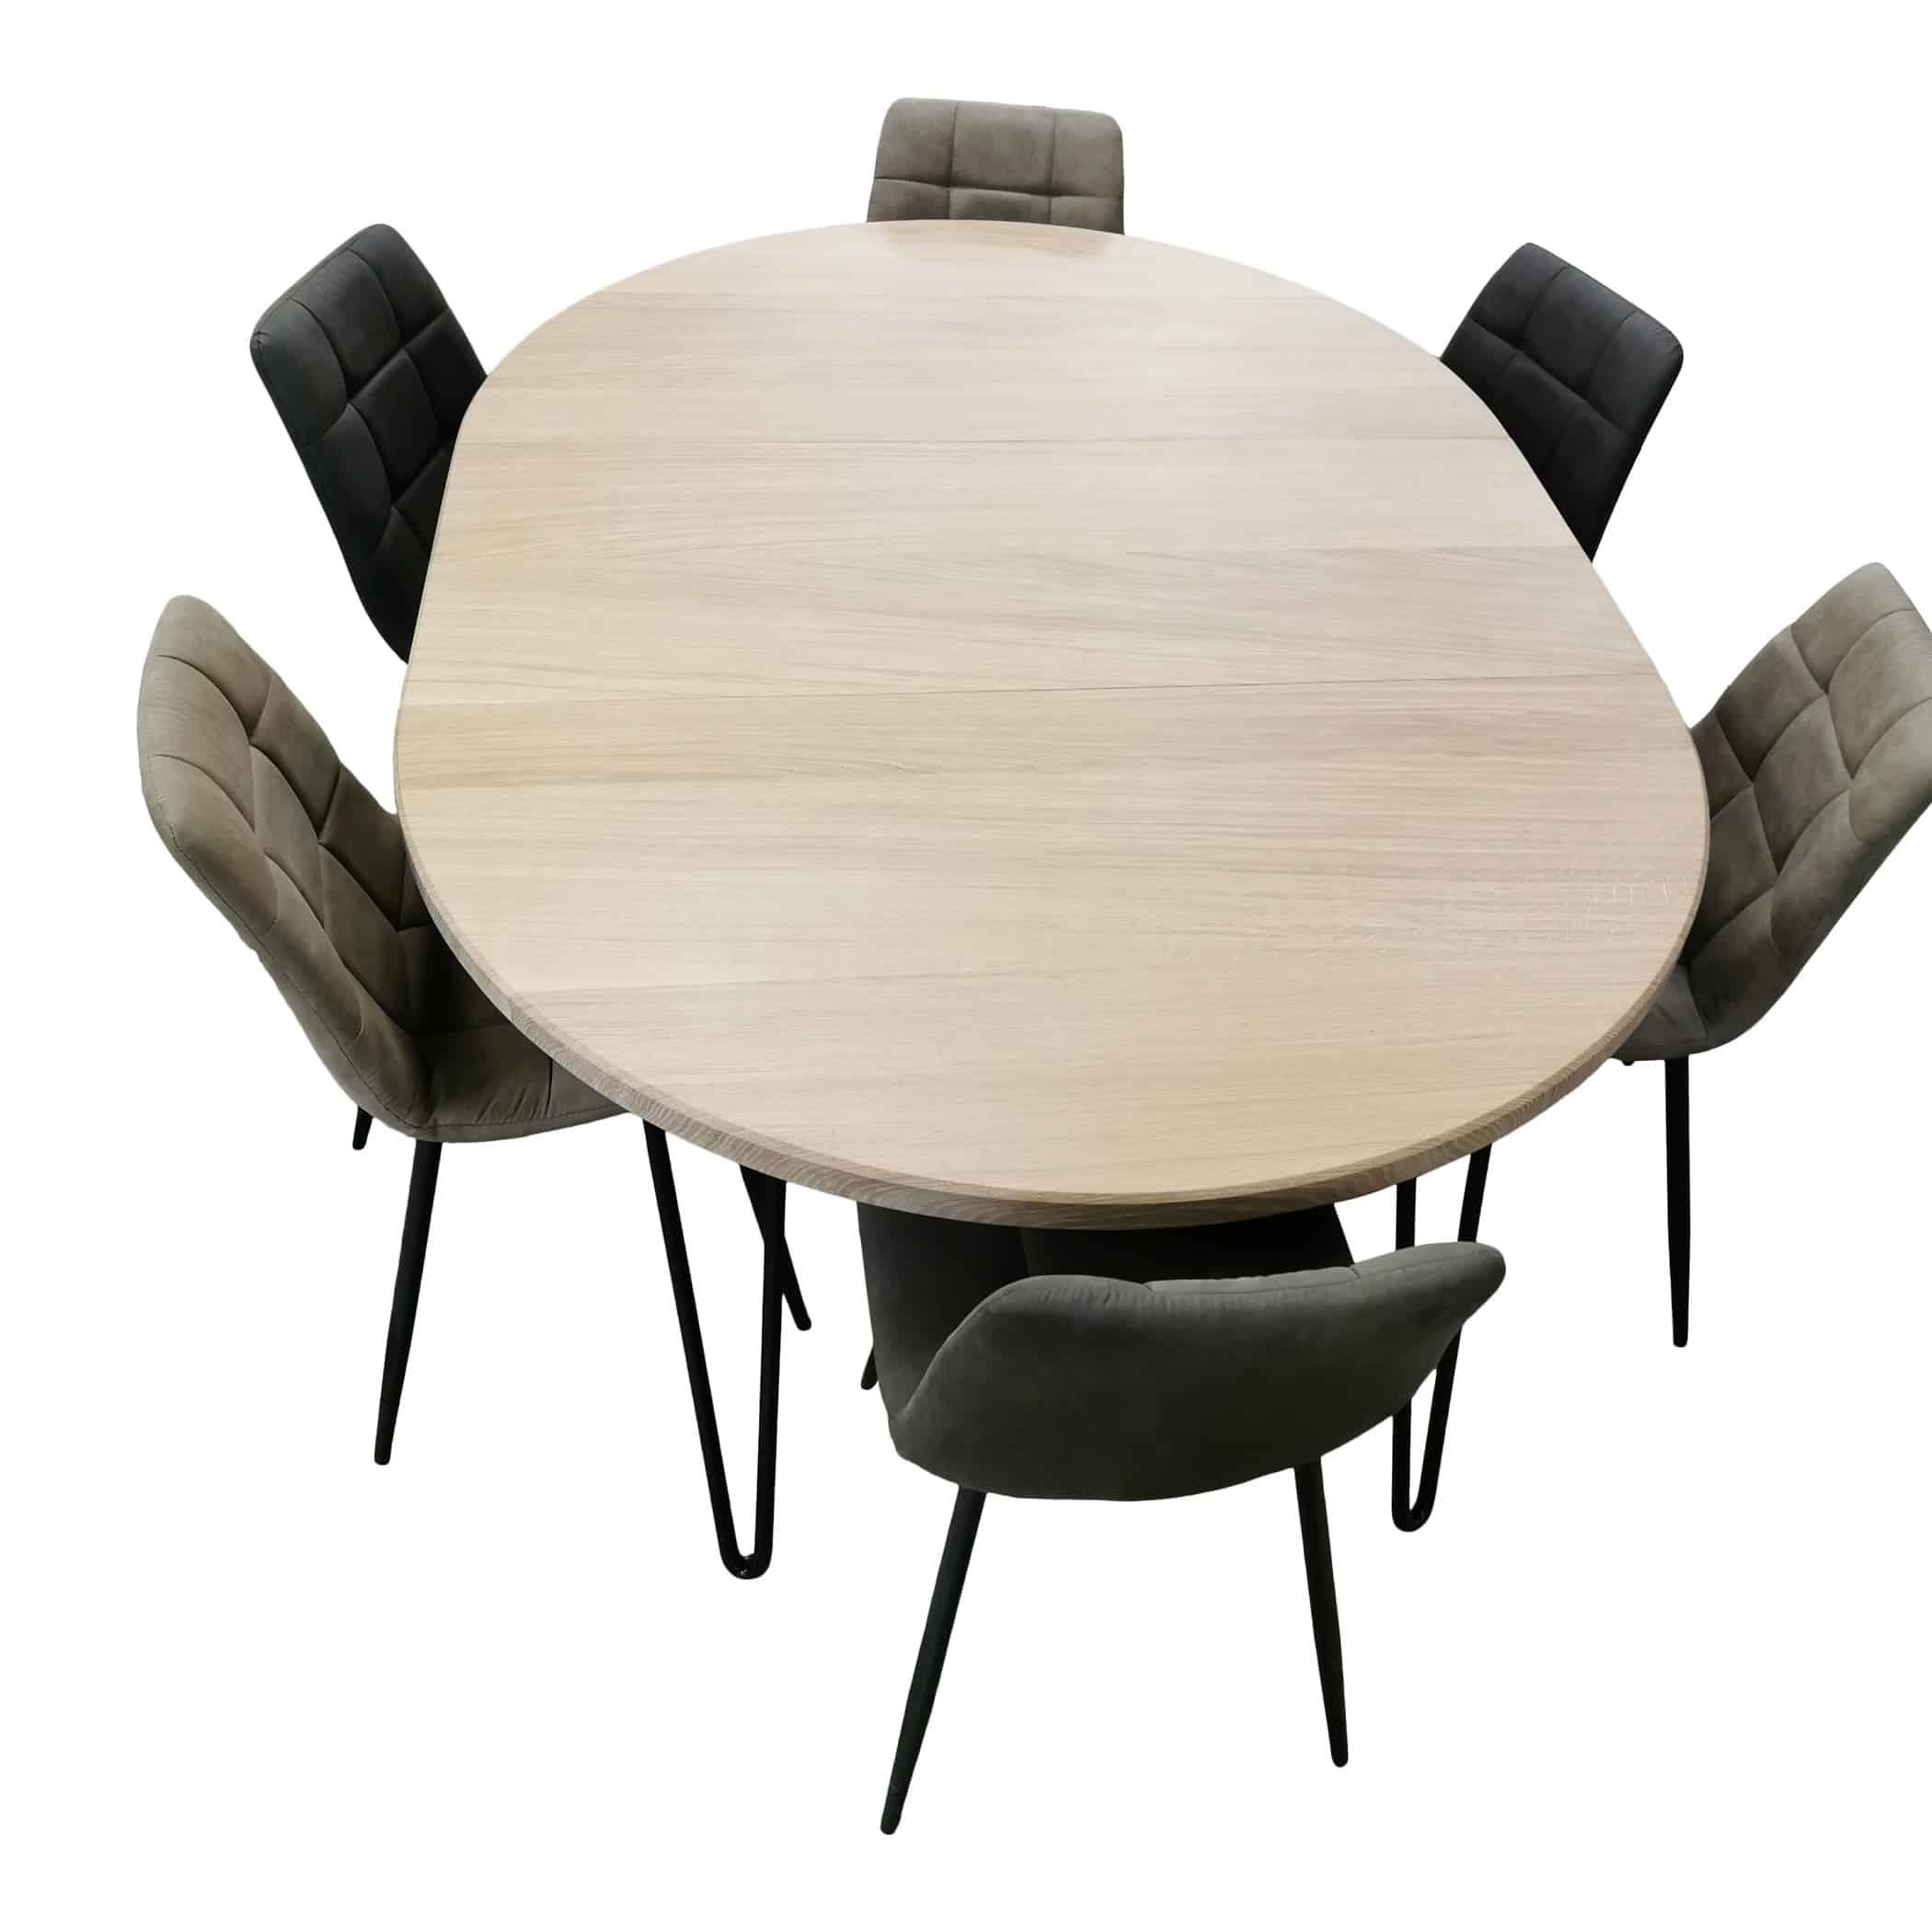 Spisebord rundt bord Eg med udtræk Ø 90 230 cm